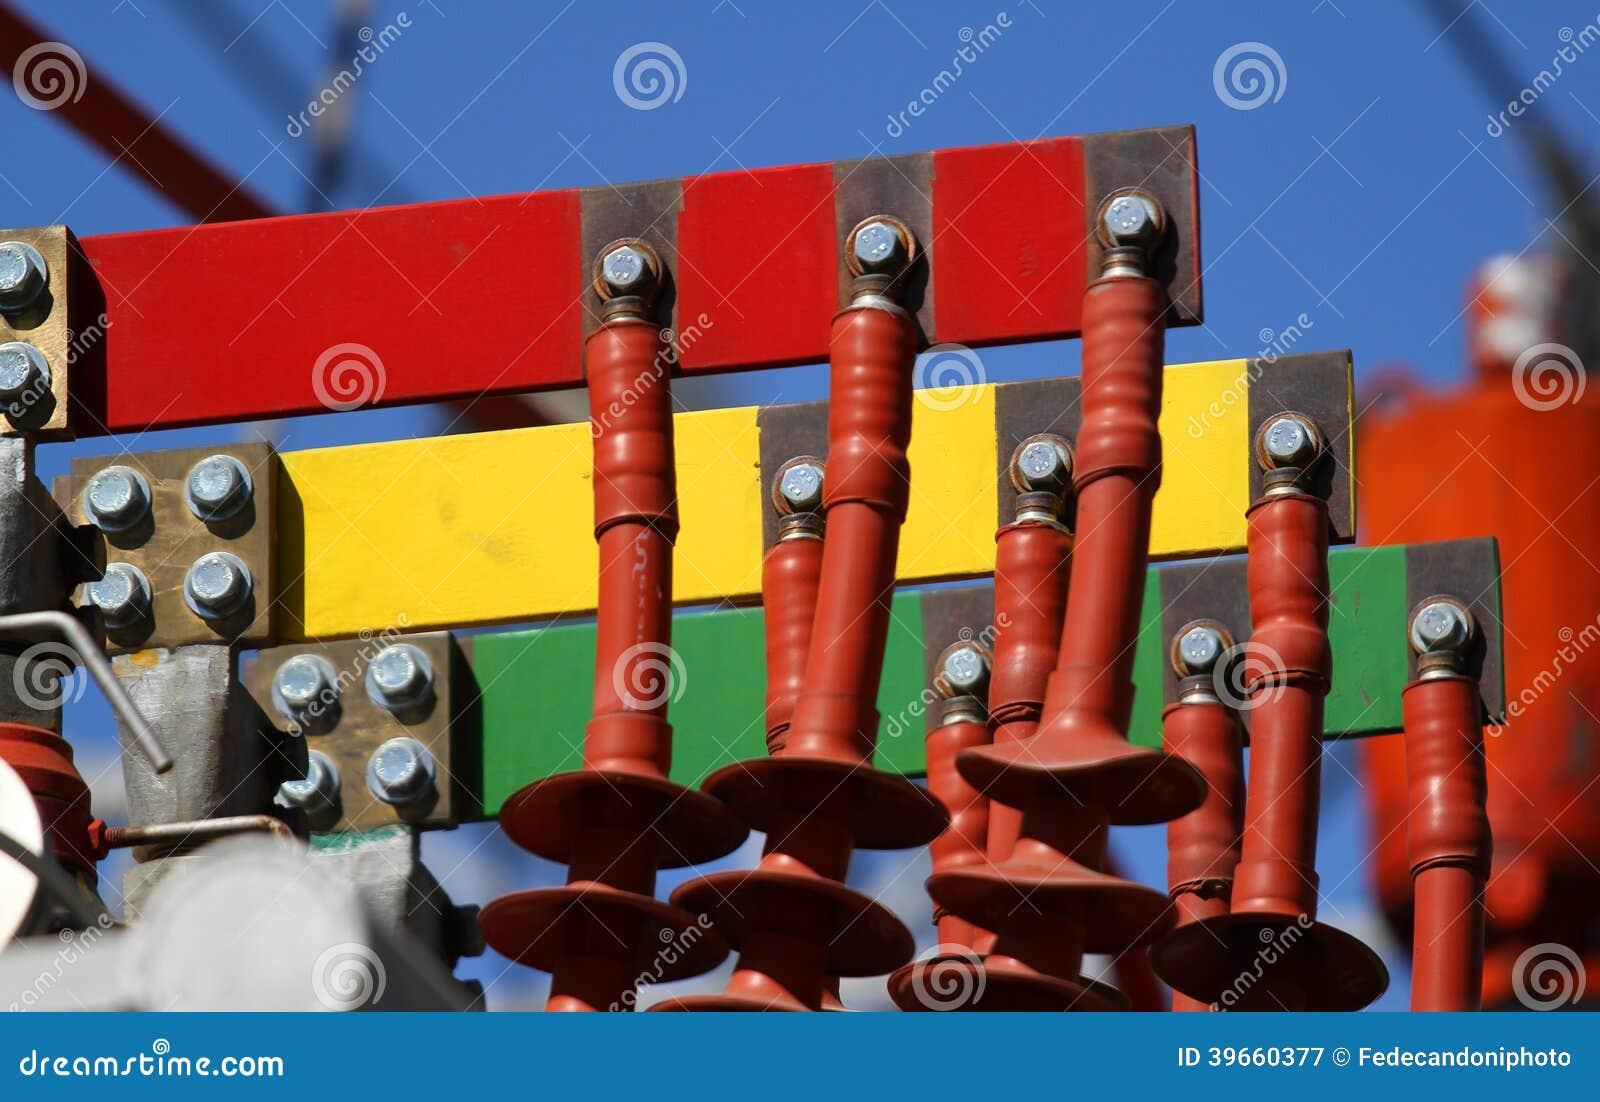 Elektrycznych włączników rewolucjonistki kolor żółty dla związku thr i zieleń